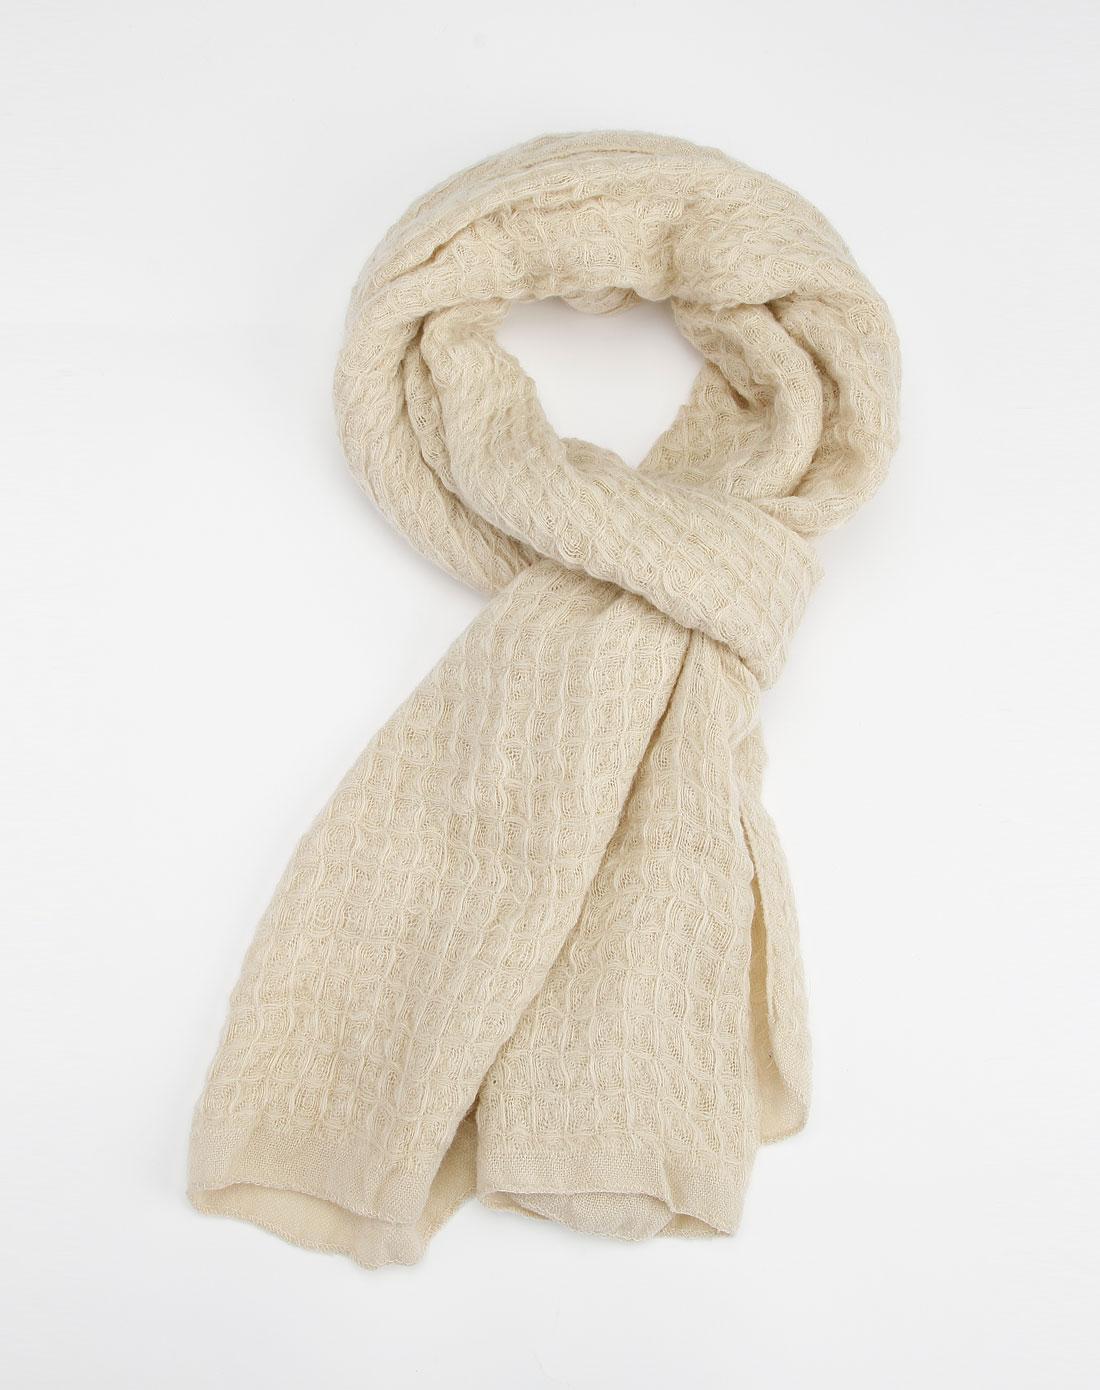 popova米色围巾p12wb-54